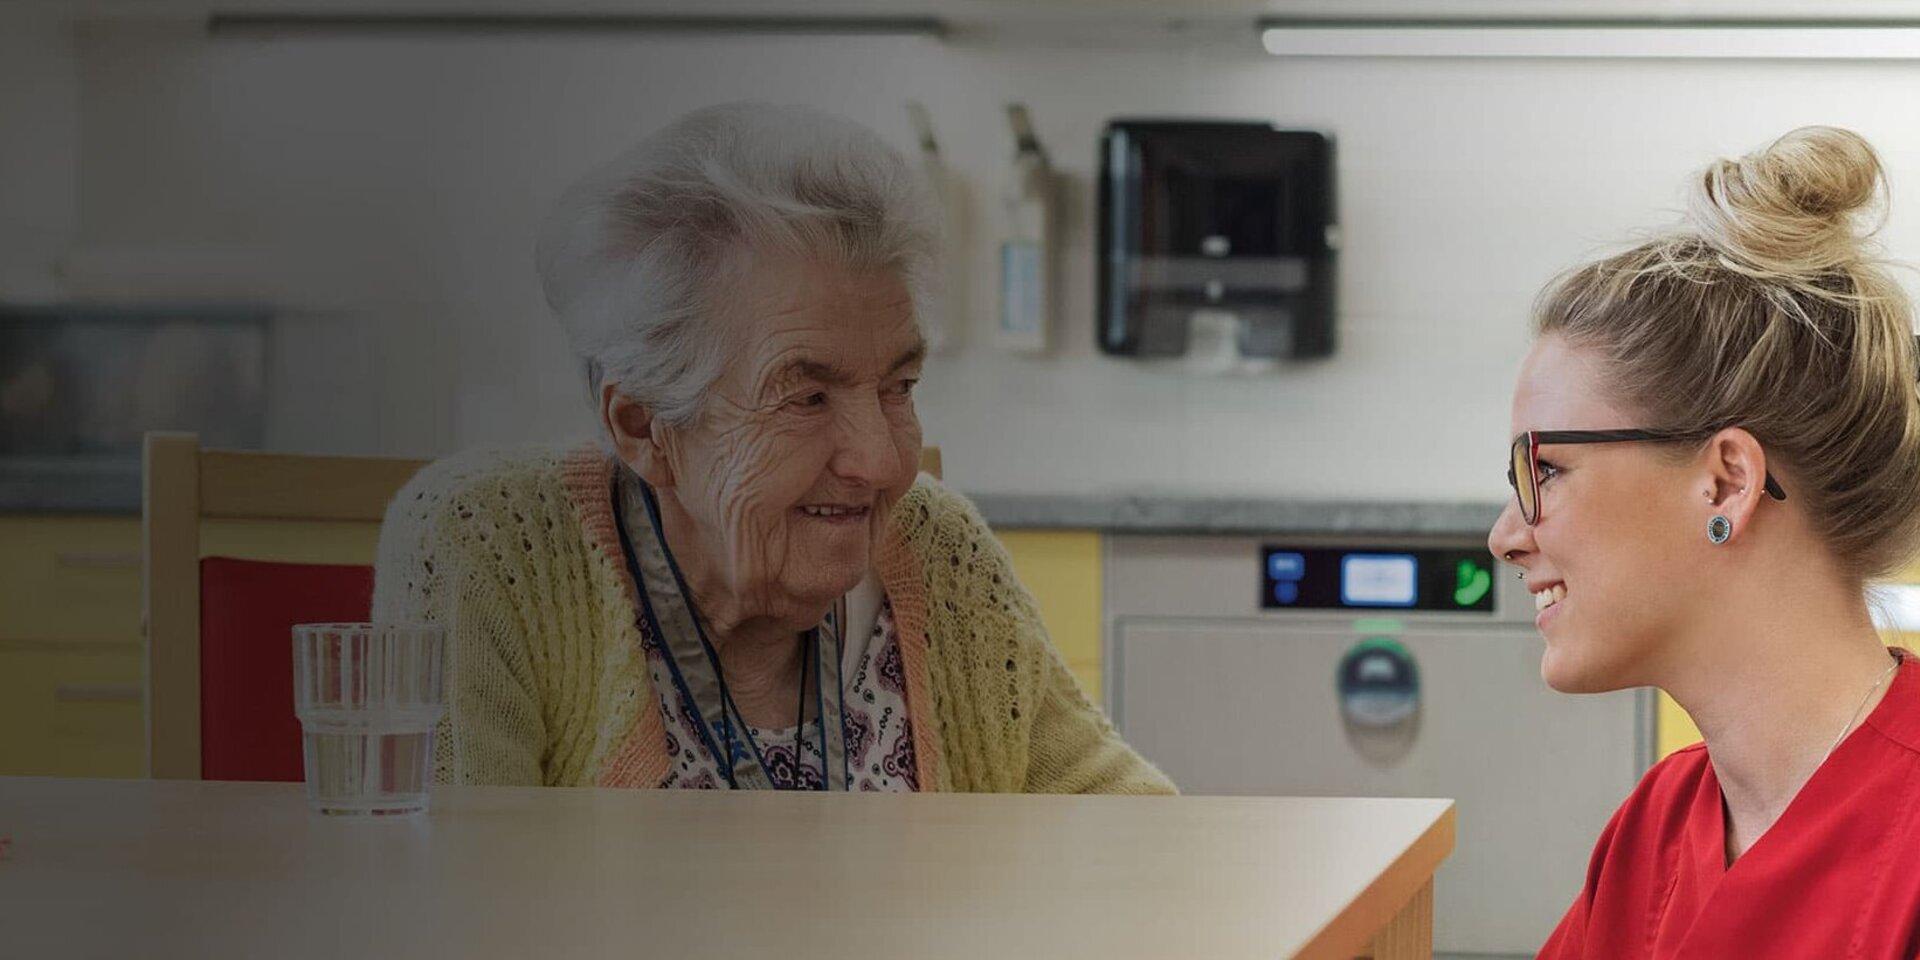 Krankenhaus, Kur- und Rehakliniken sowie Alten- und Pflegeheime